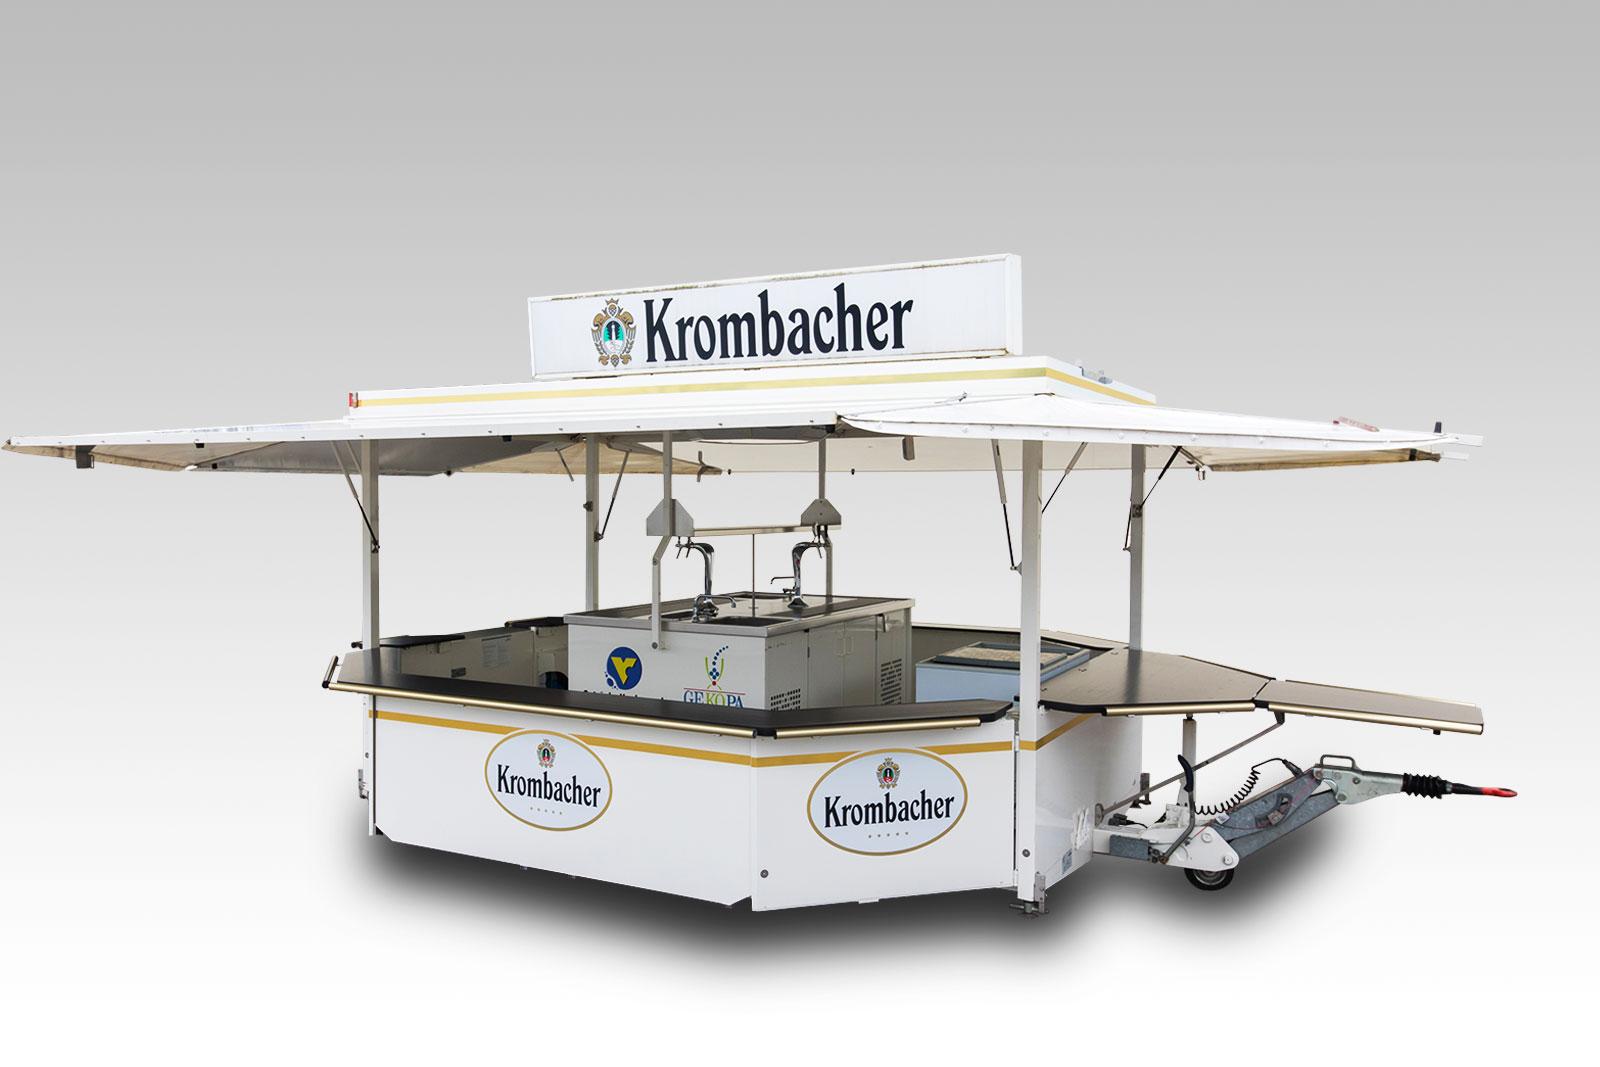 Krombacher BP-12 Bild 03